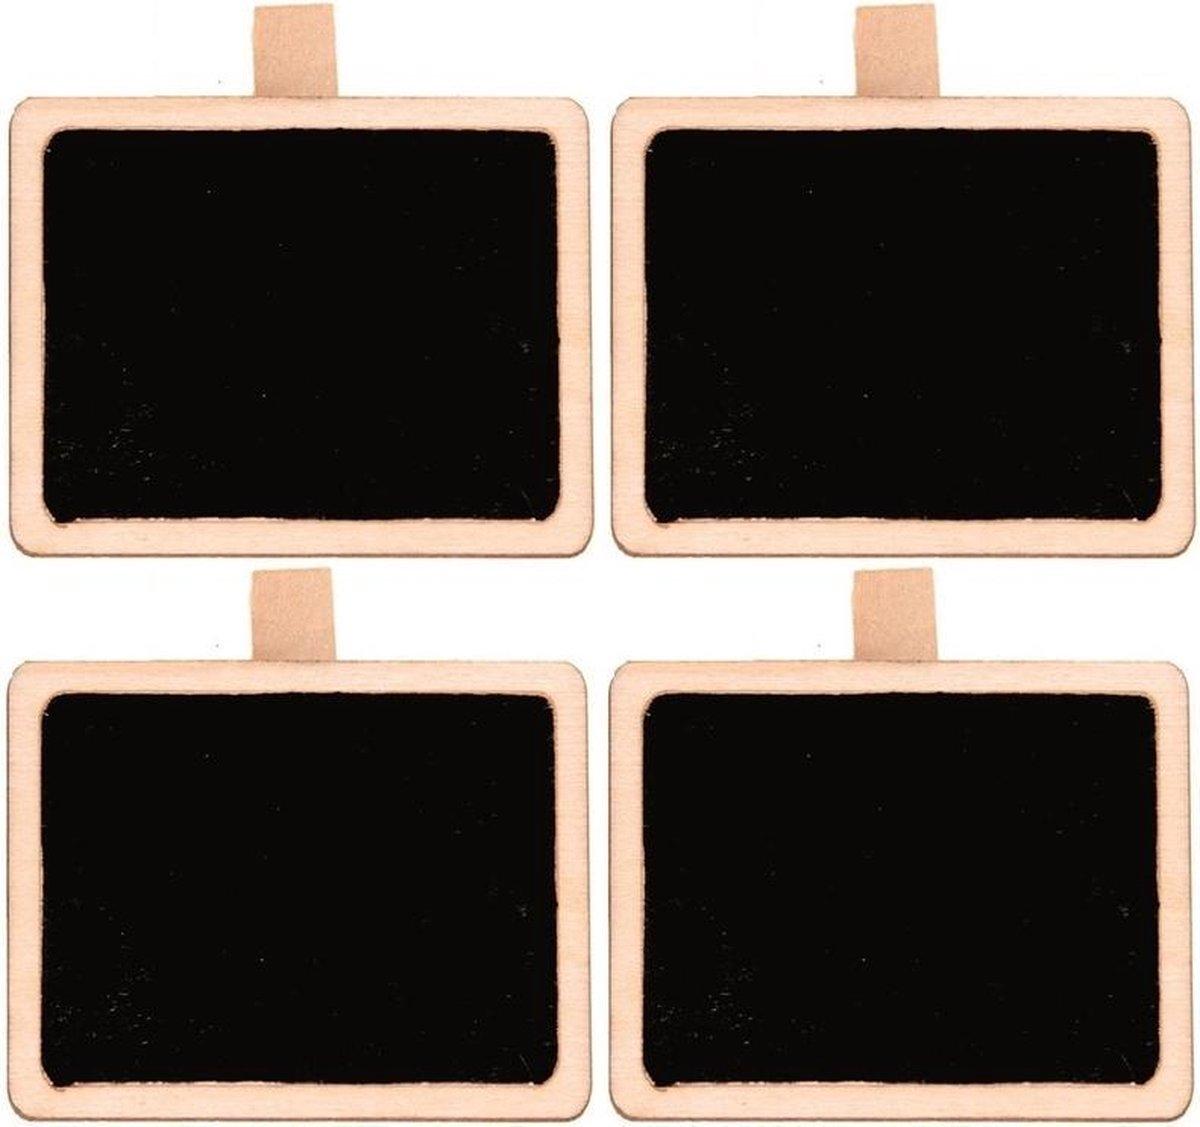 Merkloos / Sans marque 40x Houten mini krijtbordjes/schrijfbordjes/memobordjes rechthoek op knijper 5 cm Hobby/knutselbenodigdheden tekenbord Home deco Woonaccessoires/decoratie online kopen